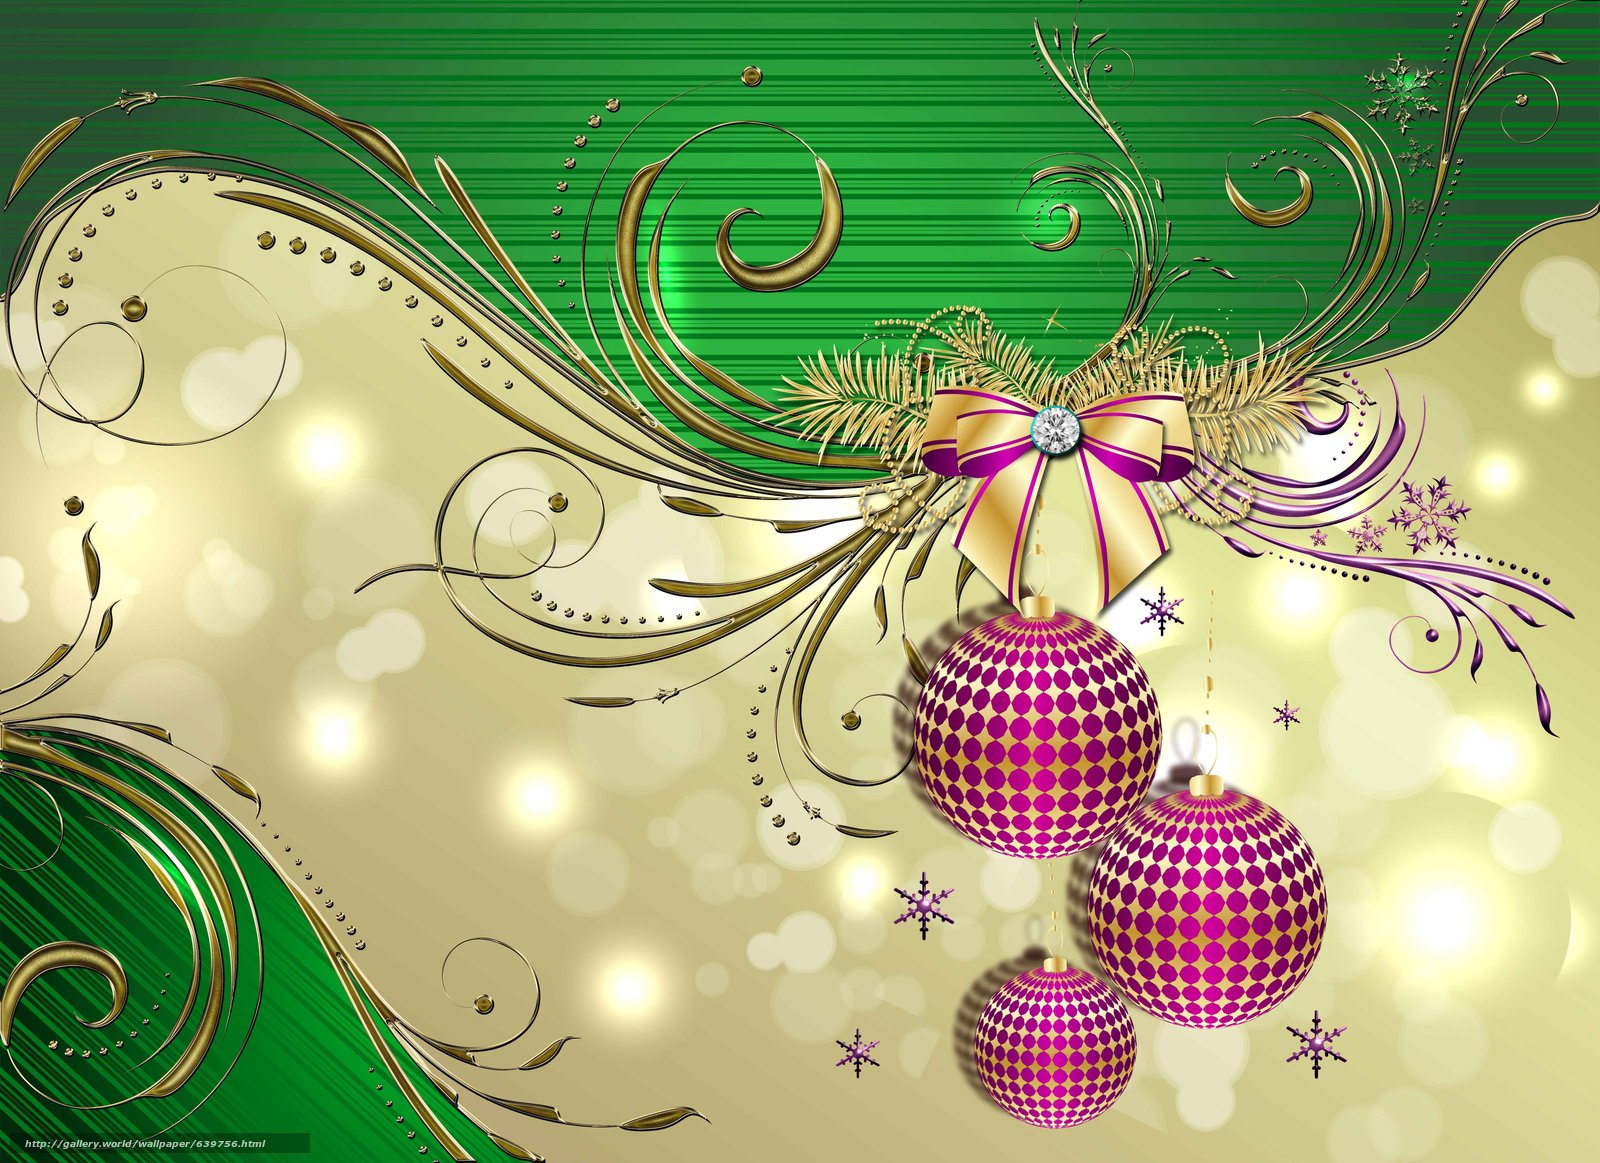 Descargar gratis Fondos de Navidad,  Fondo de la Navidad,  feliz año nuevo Fondos de escritorio en la resolucin 6000x4363 — imagen №639756